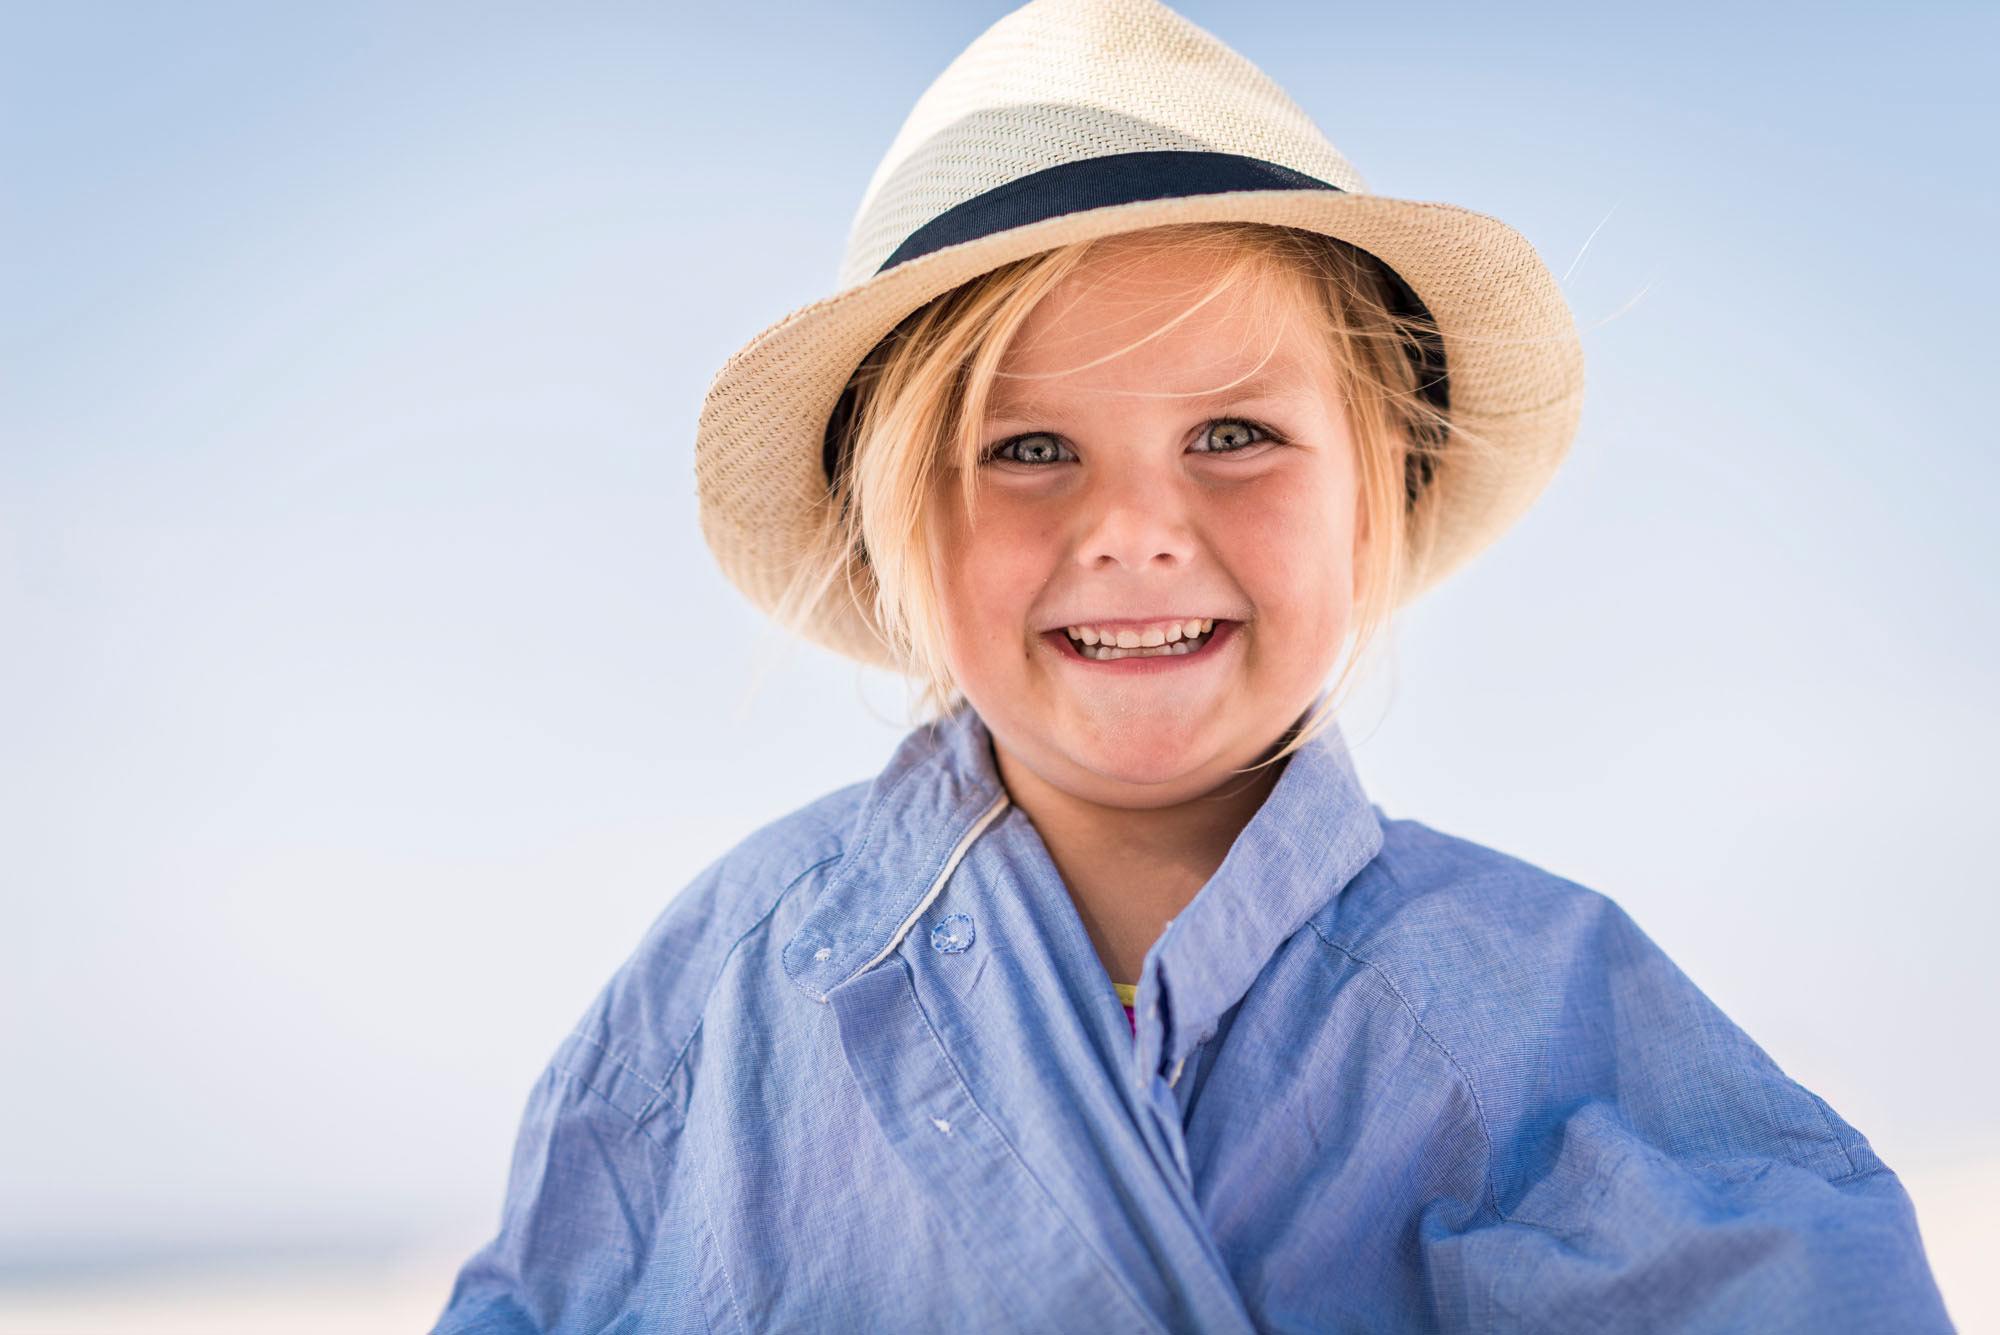 Portræt - Ferie - Børn - Fotograf